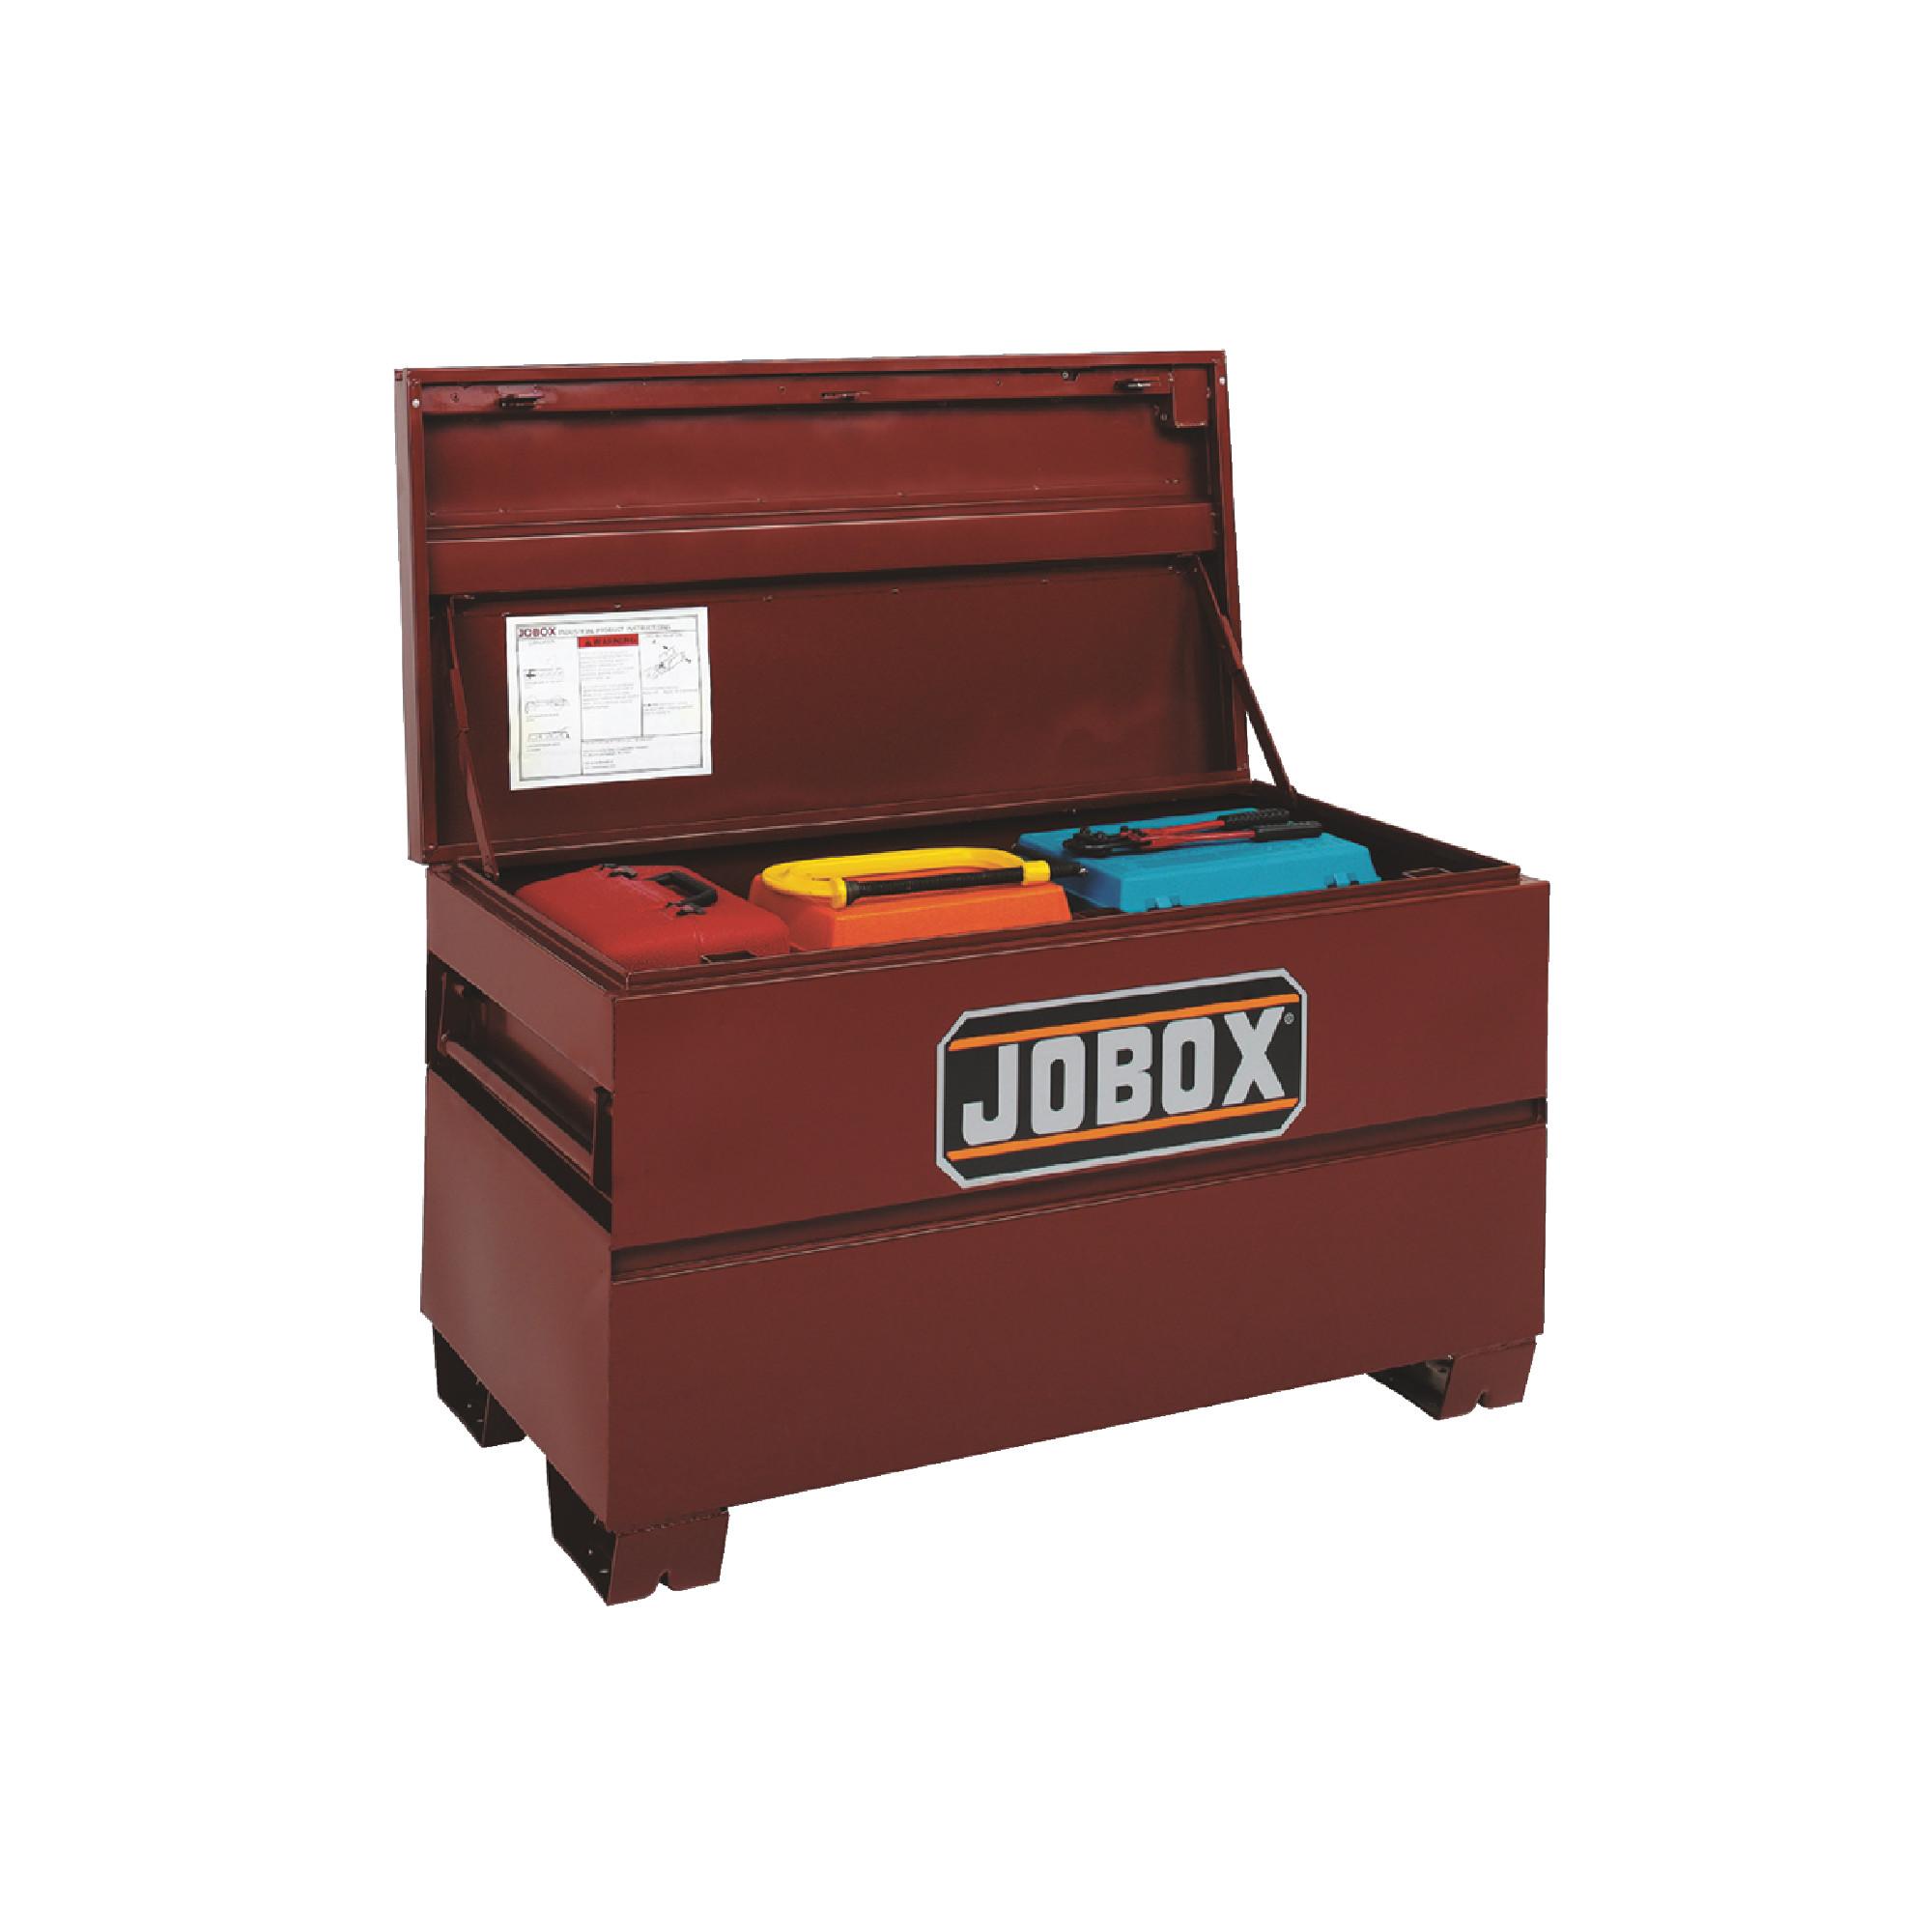 48X24X28 JOBOX STEEL VAULT - JOBOX